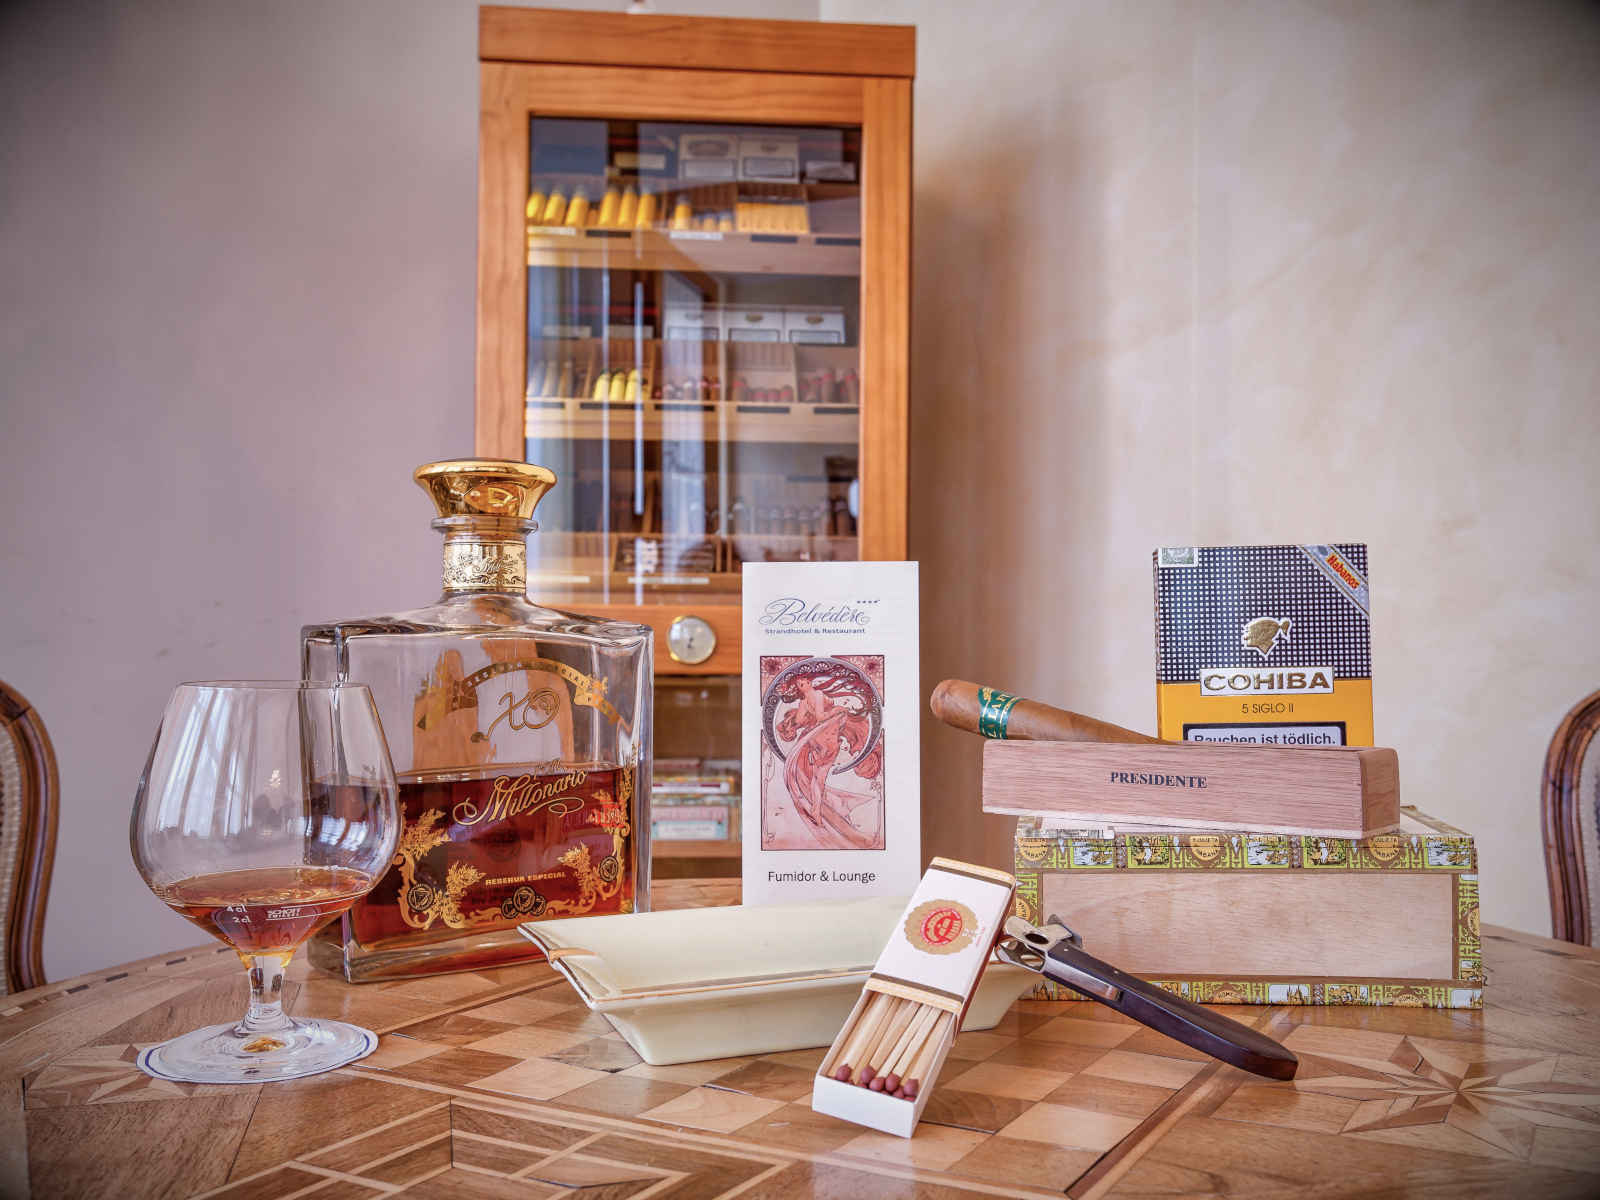 Tisch mit Glas und Zigarre, Humidor